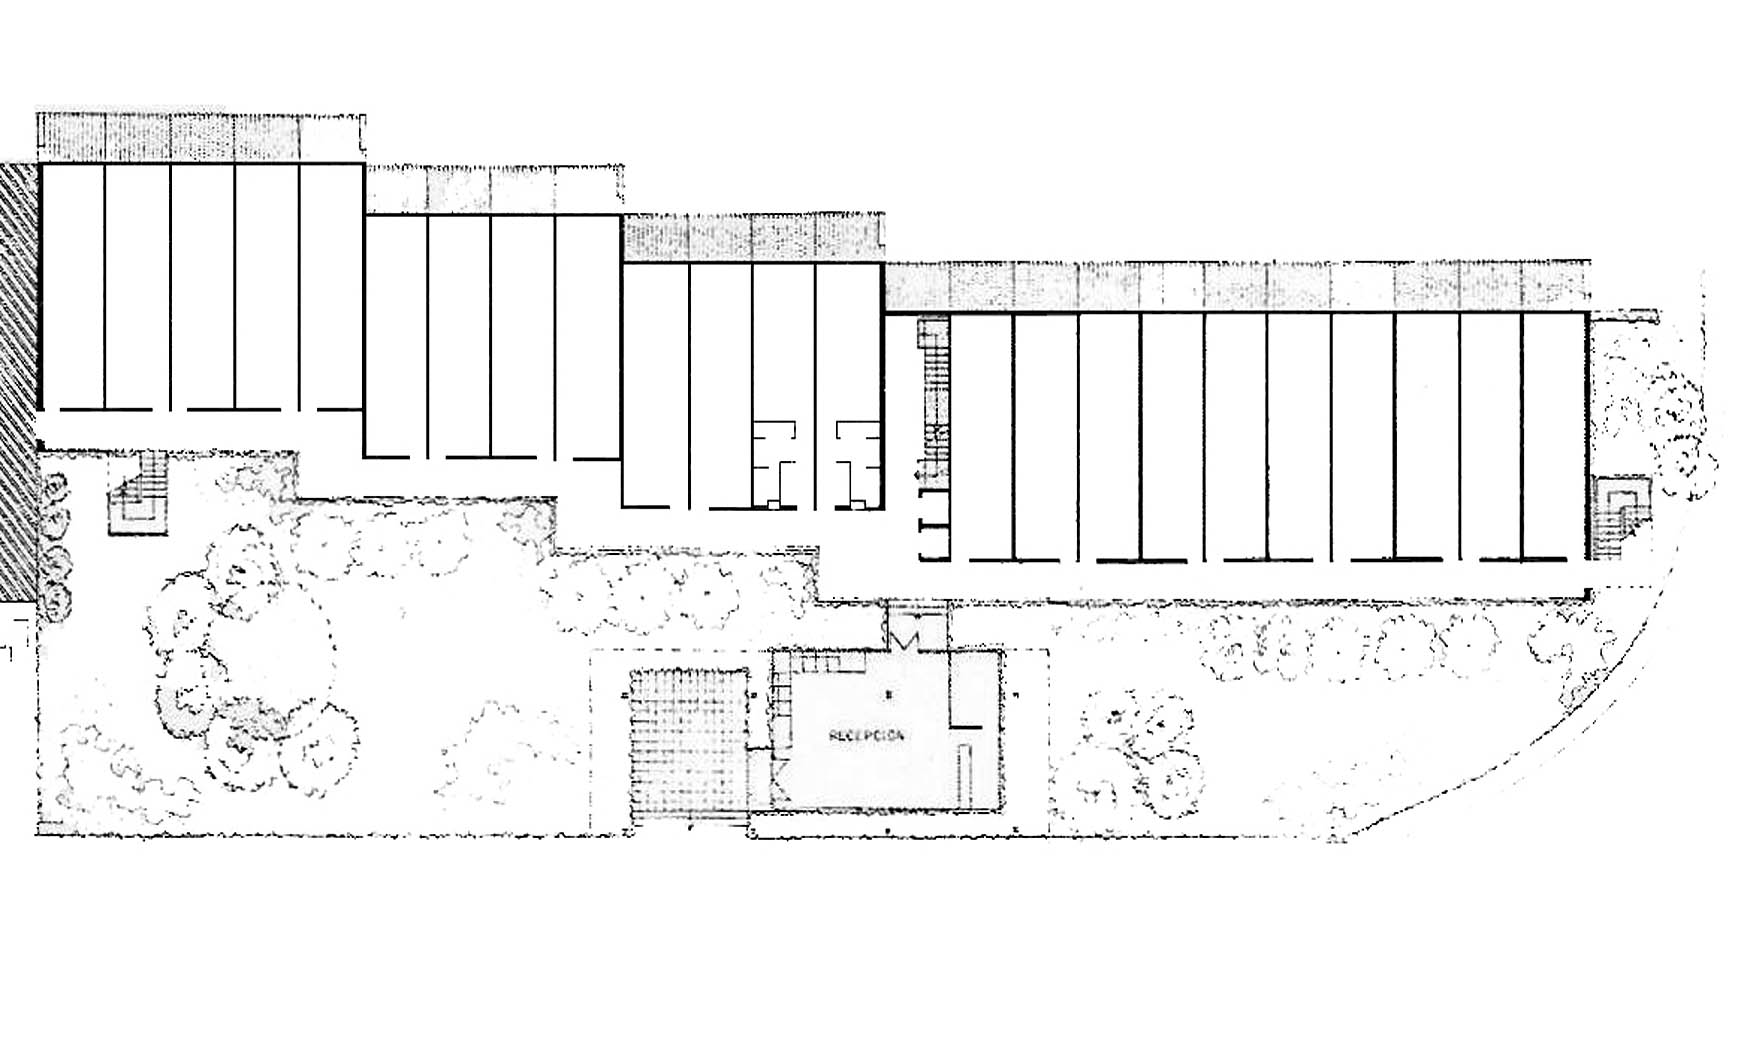 Apart-hotel de 60 habitaciones en Tossa de Mar, Gerona. Proyecto básico, 1980.